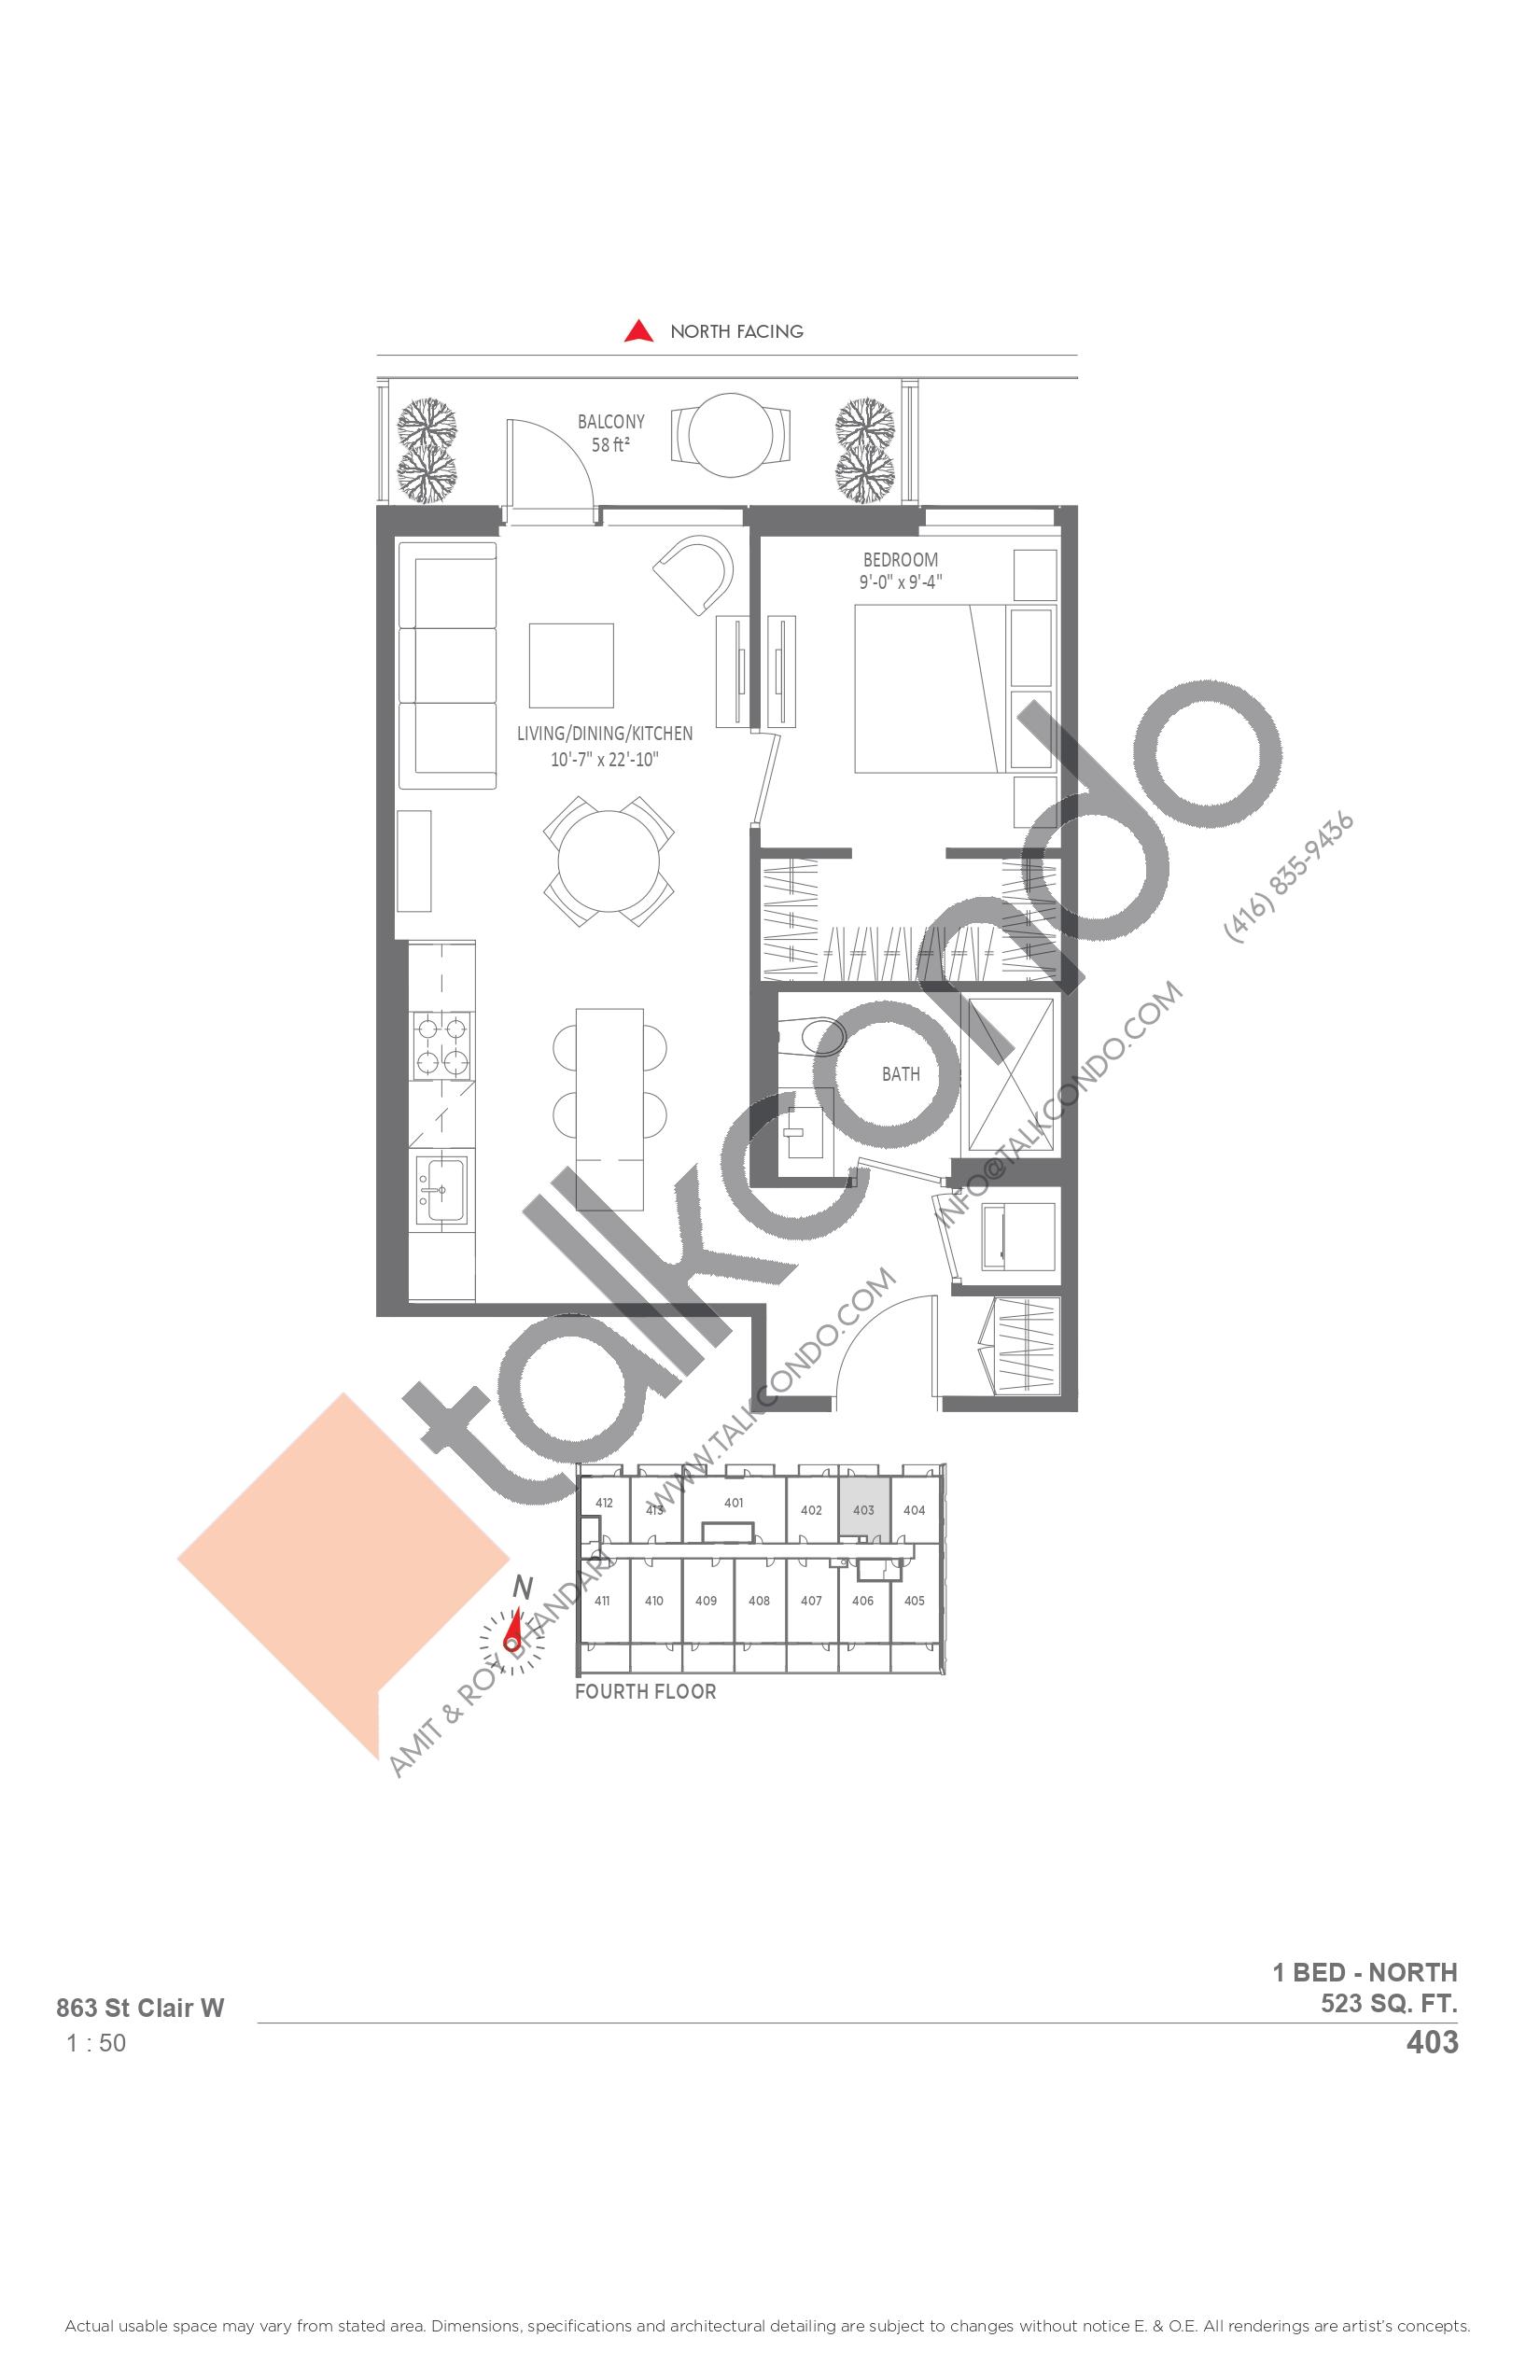 403 Floor Plan at Monza Condos - 523 sq.ft